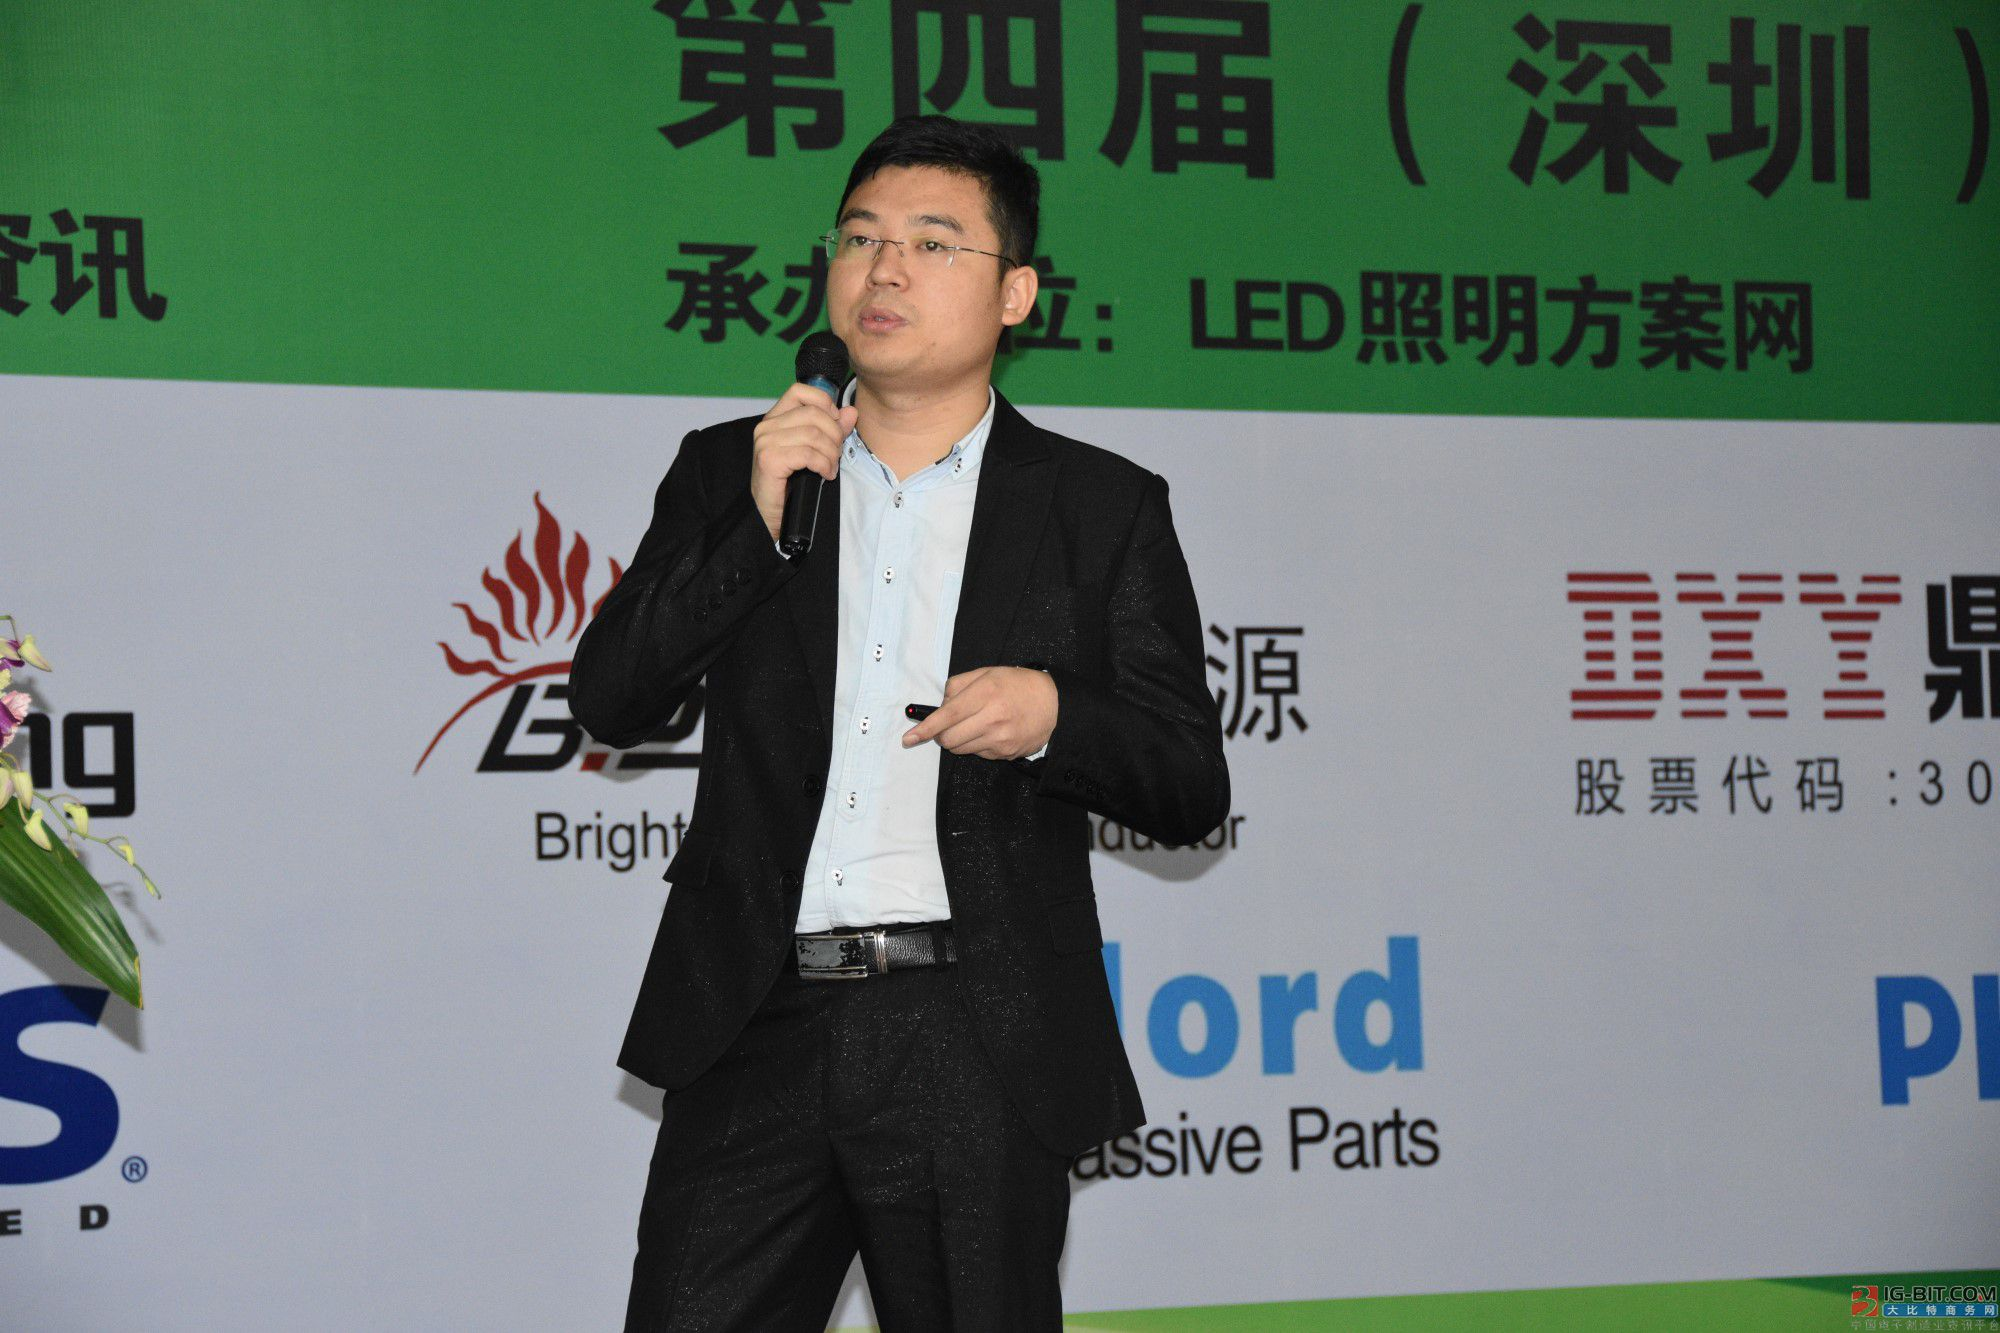 晶丰明源智能照明市场工程师陈广阳